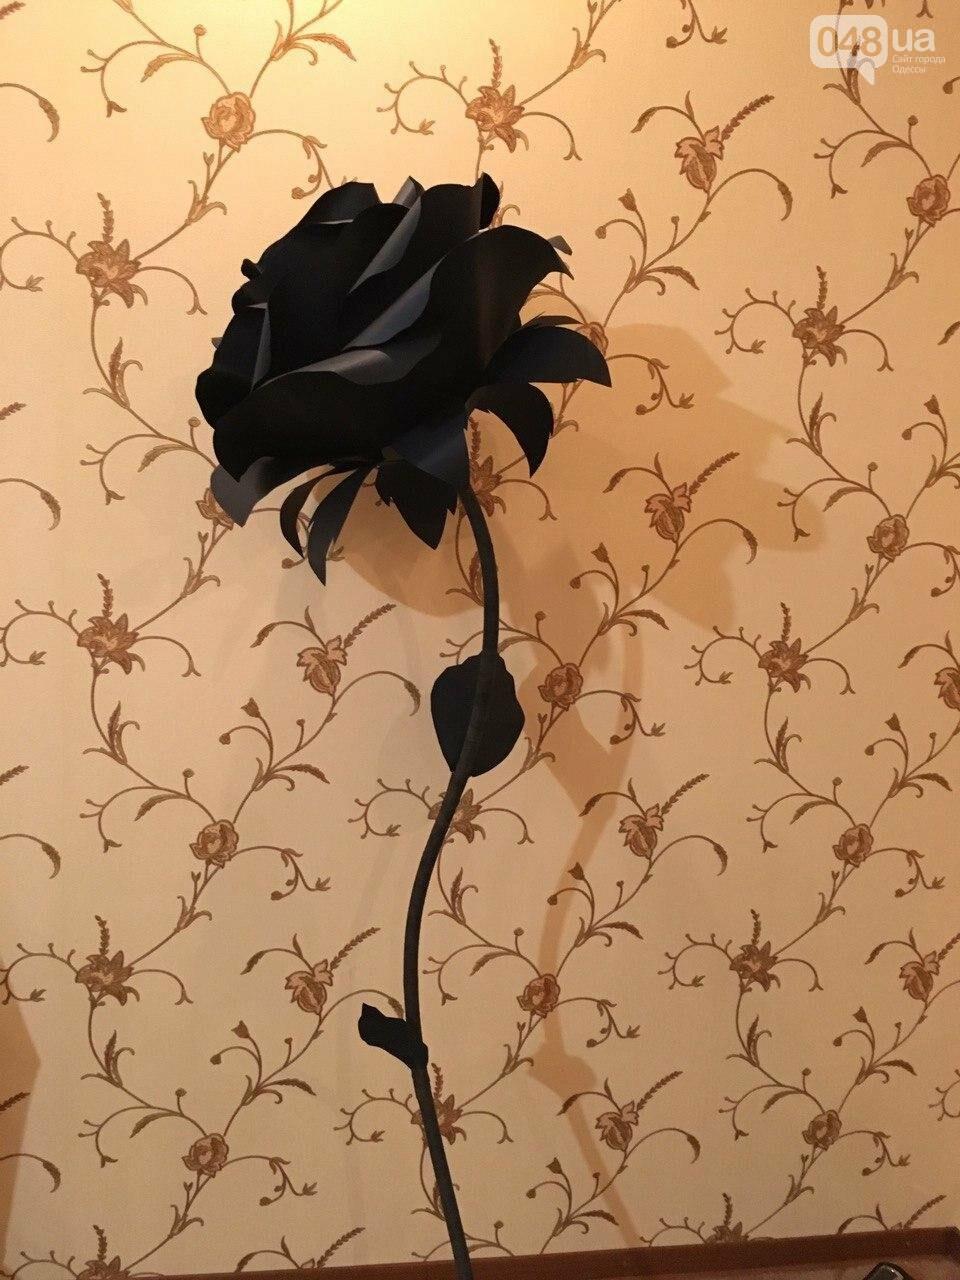 Необычный флорист из Одессы создает гигантские бутоны (ФОТО), фото-9